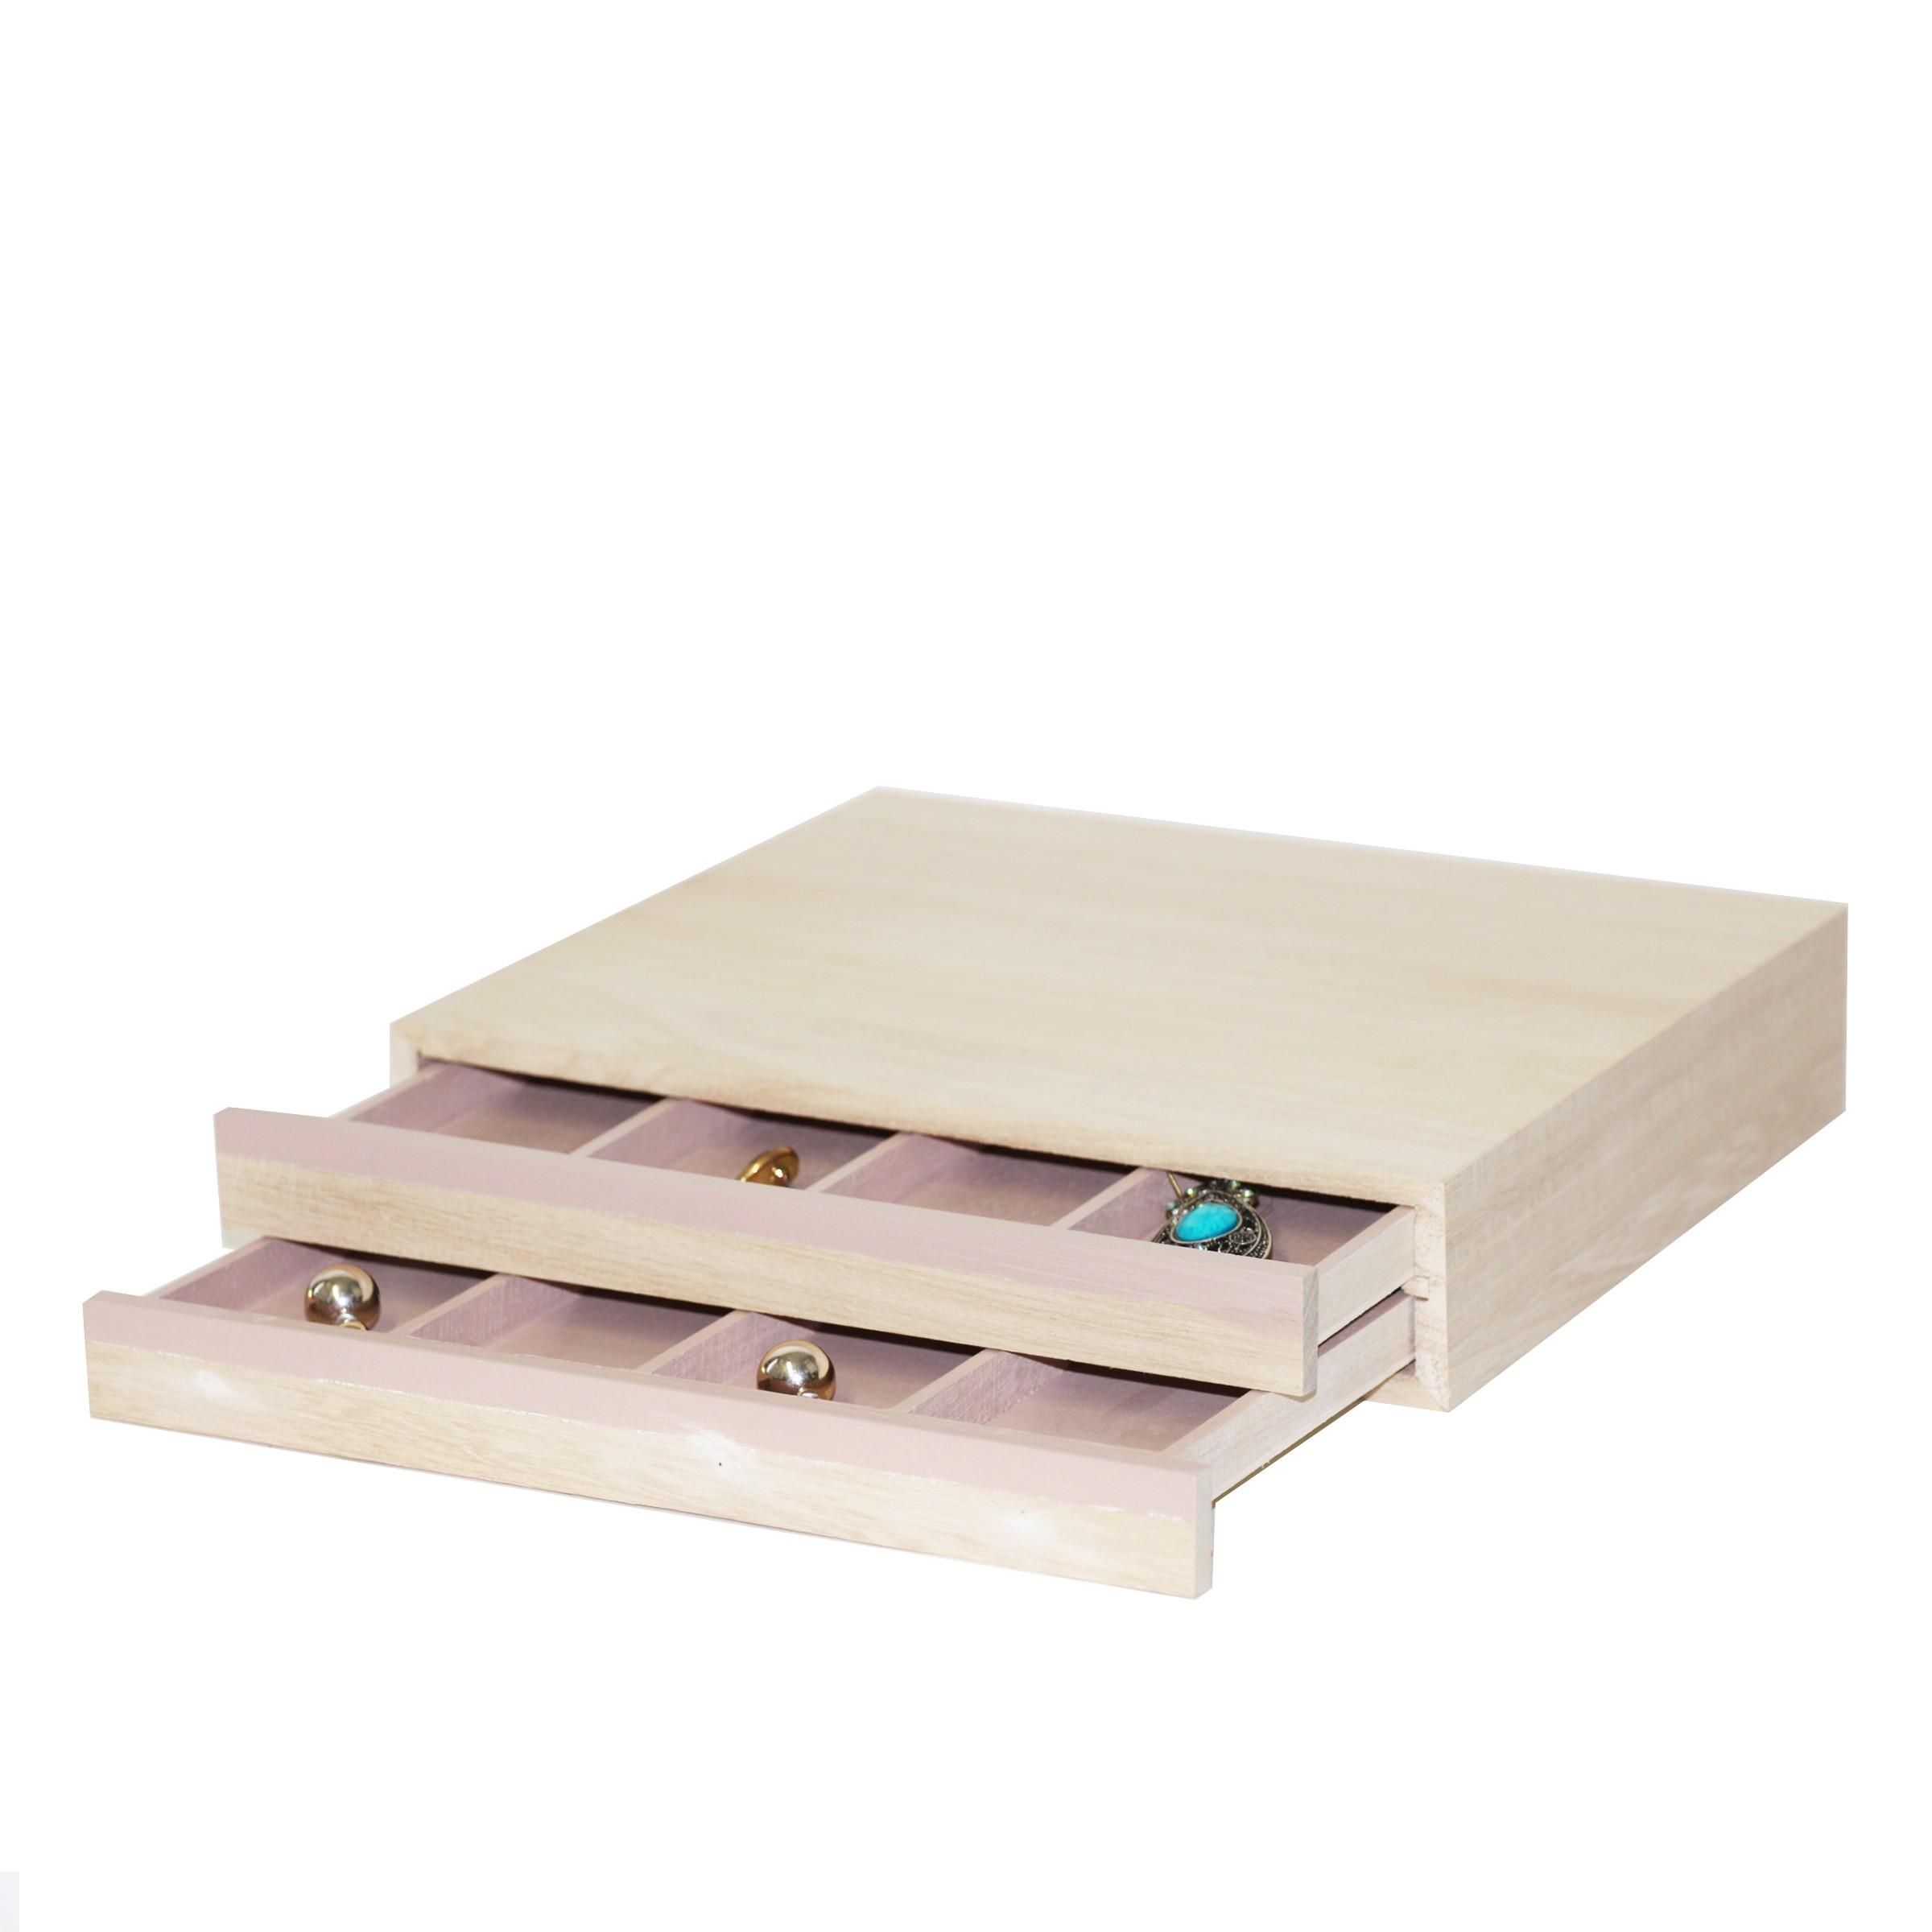 Boîte à bijoux en bois clair avec 2 tiroirs à 4 compartiments chacuns